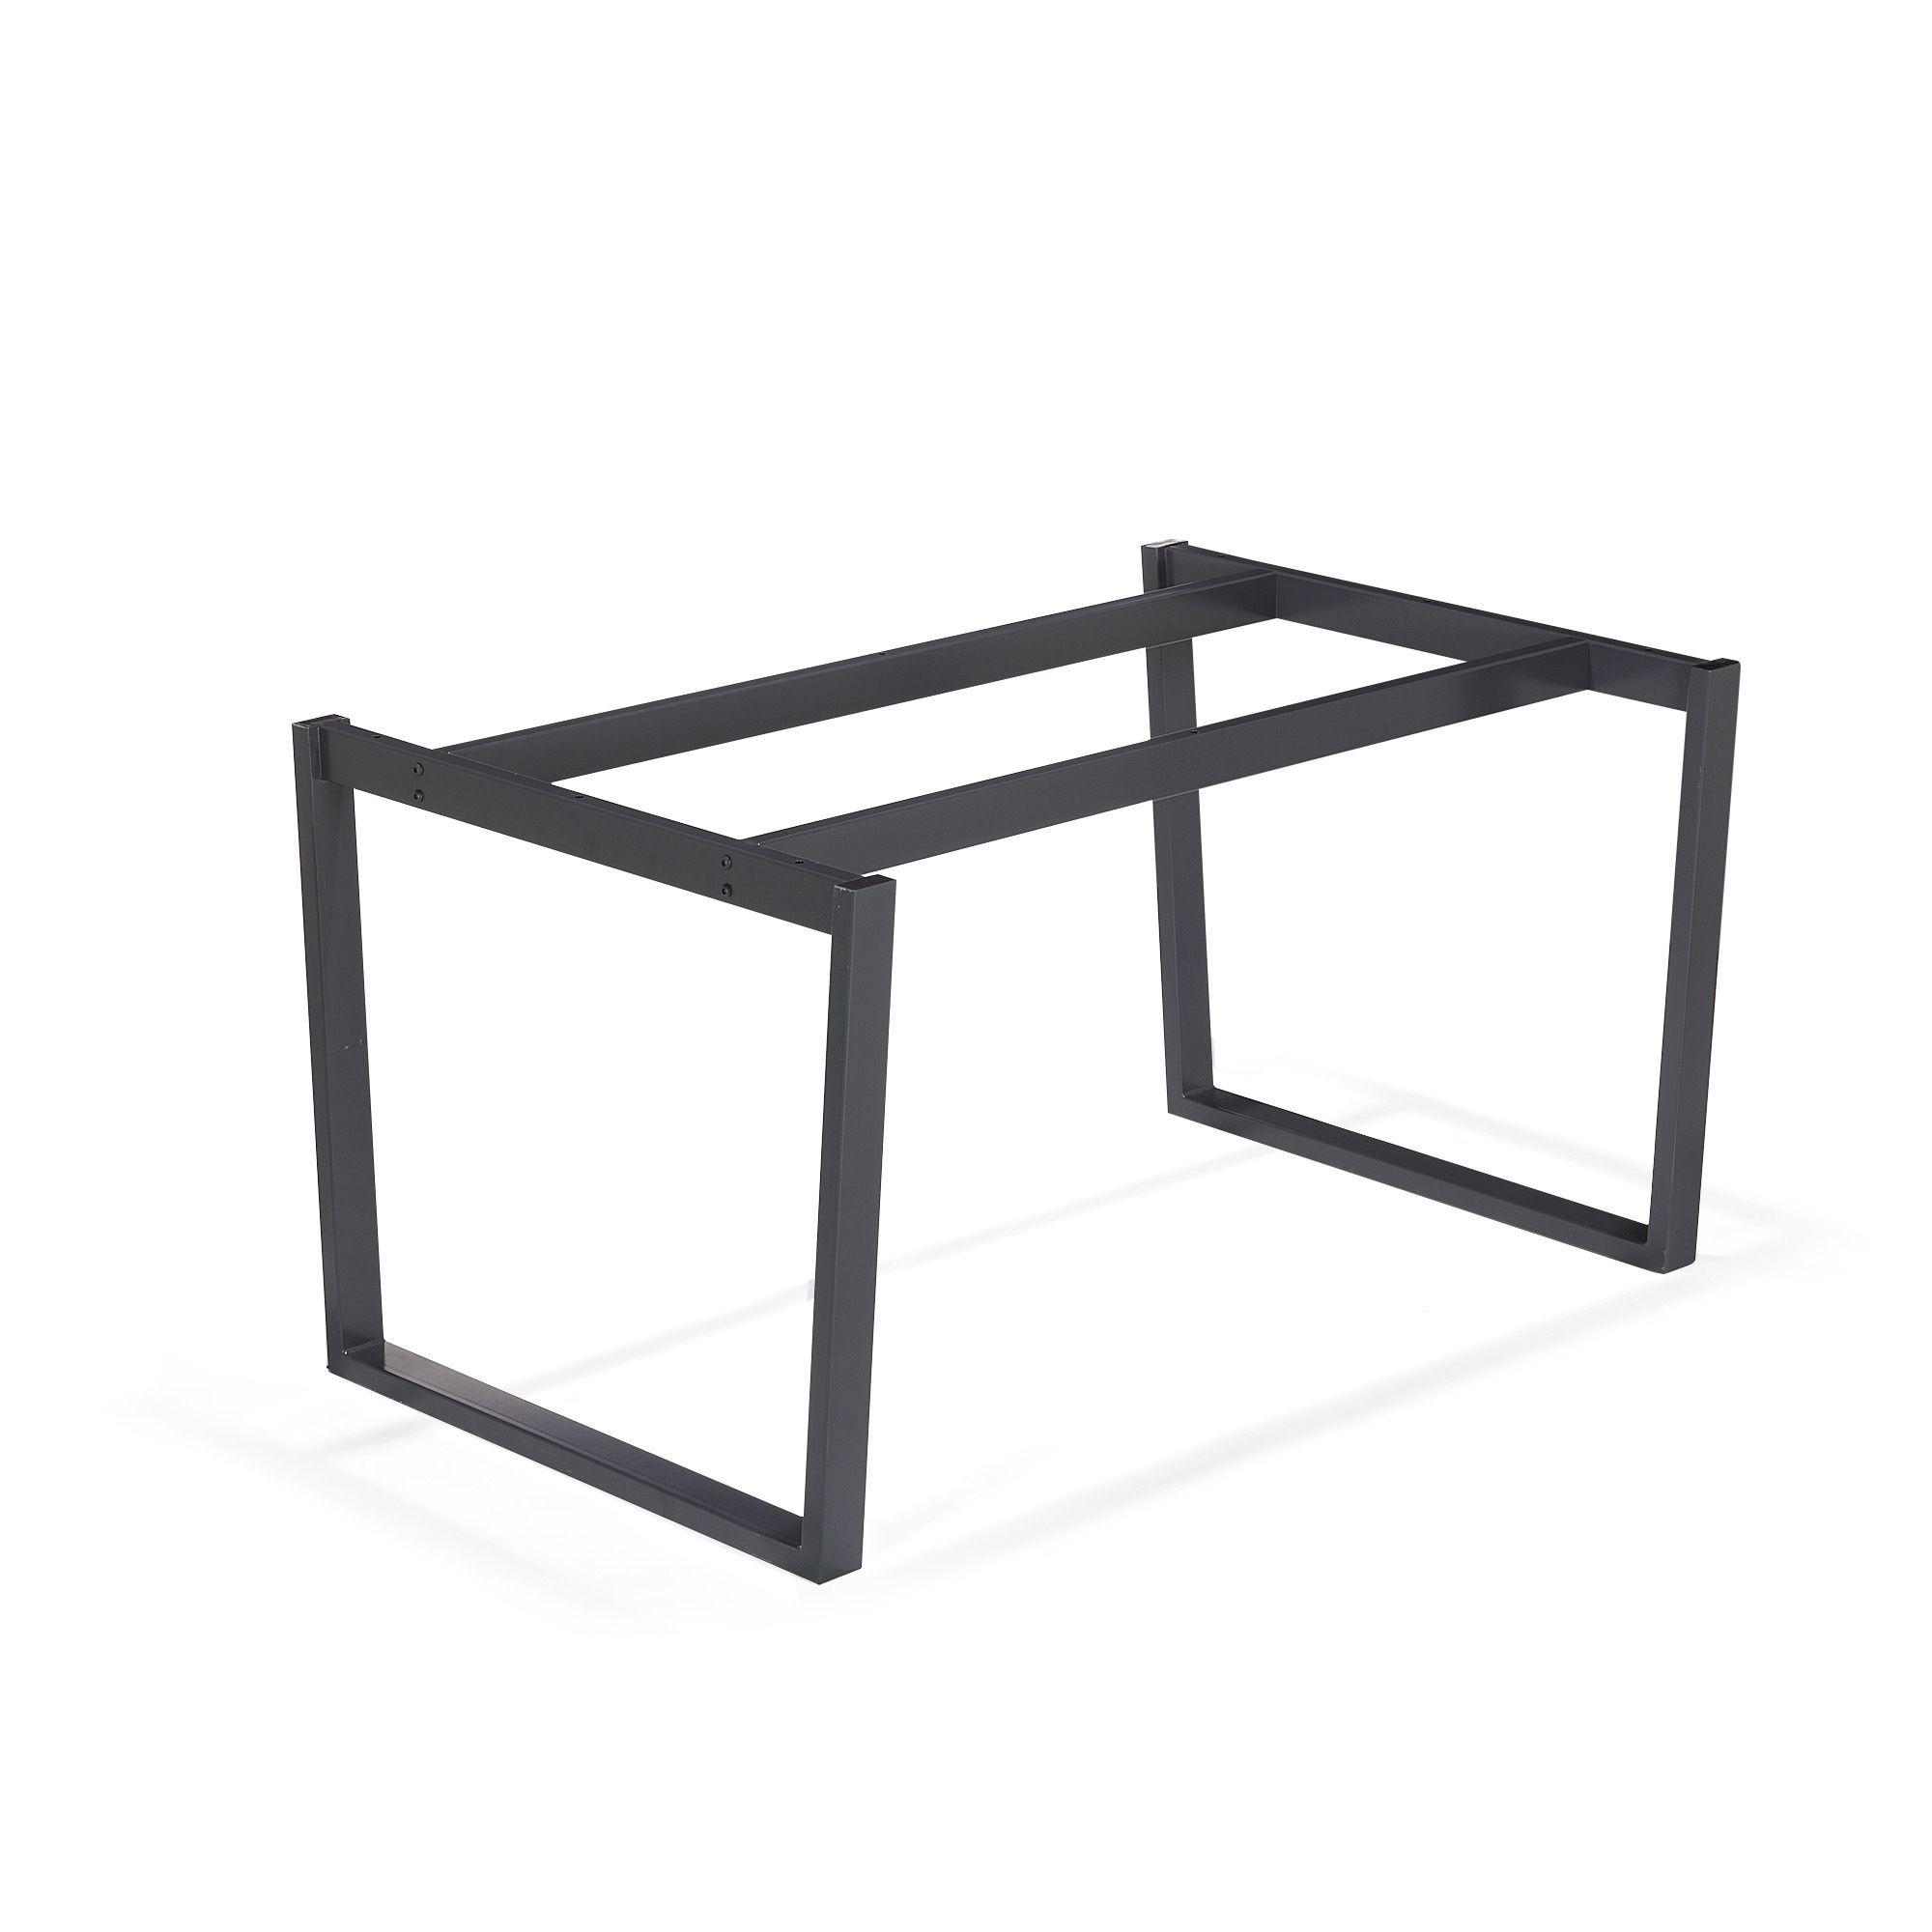 Piétement en acier noir Noir Vario moma Tables rectangulaires